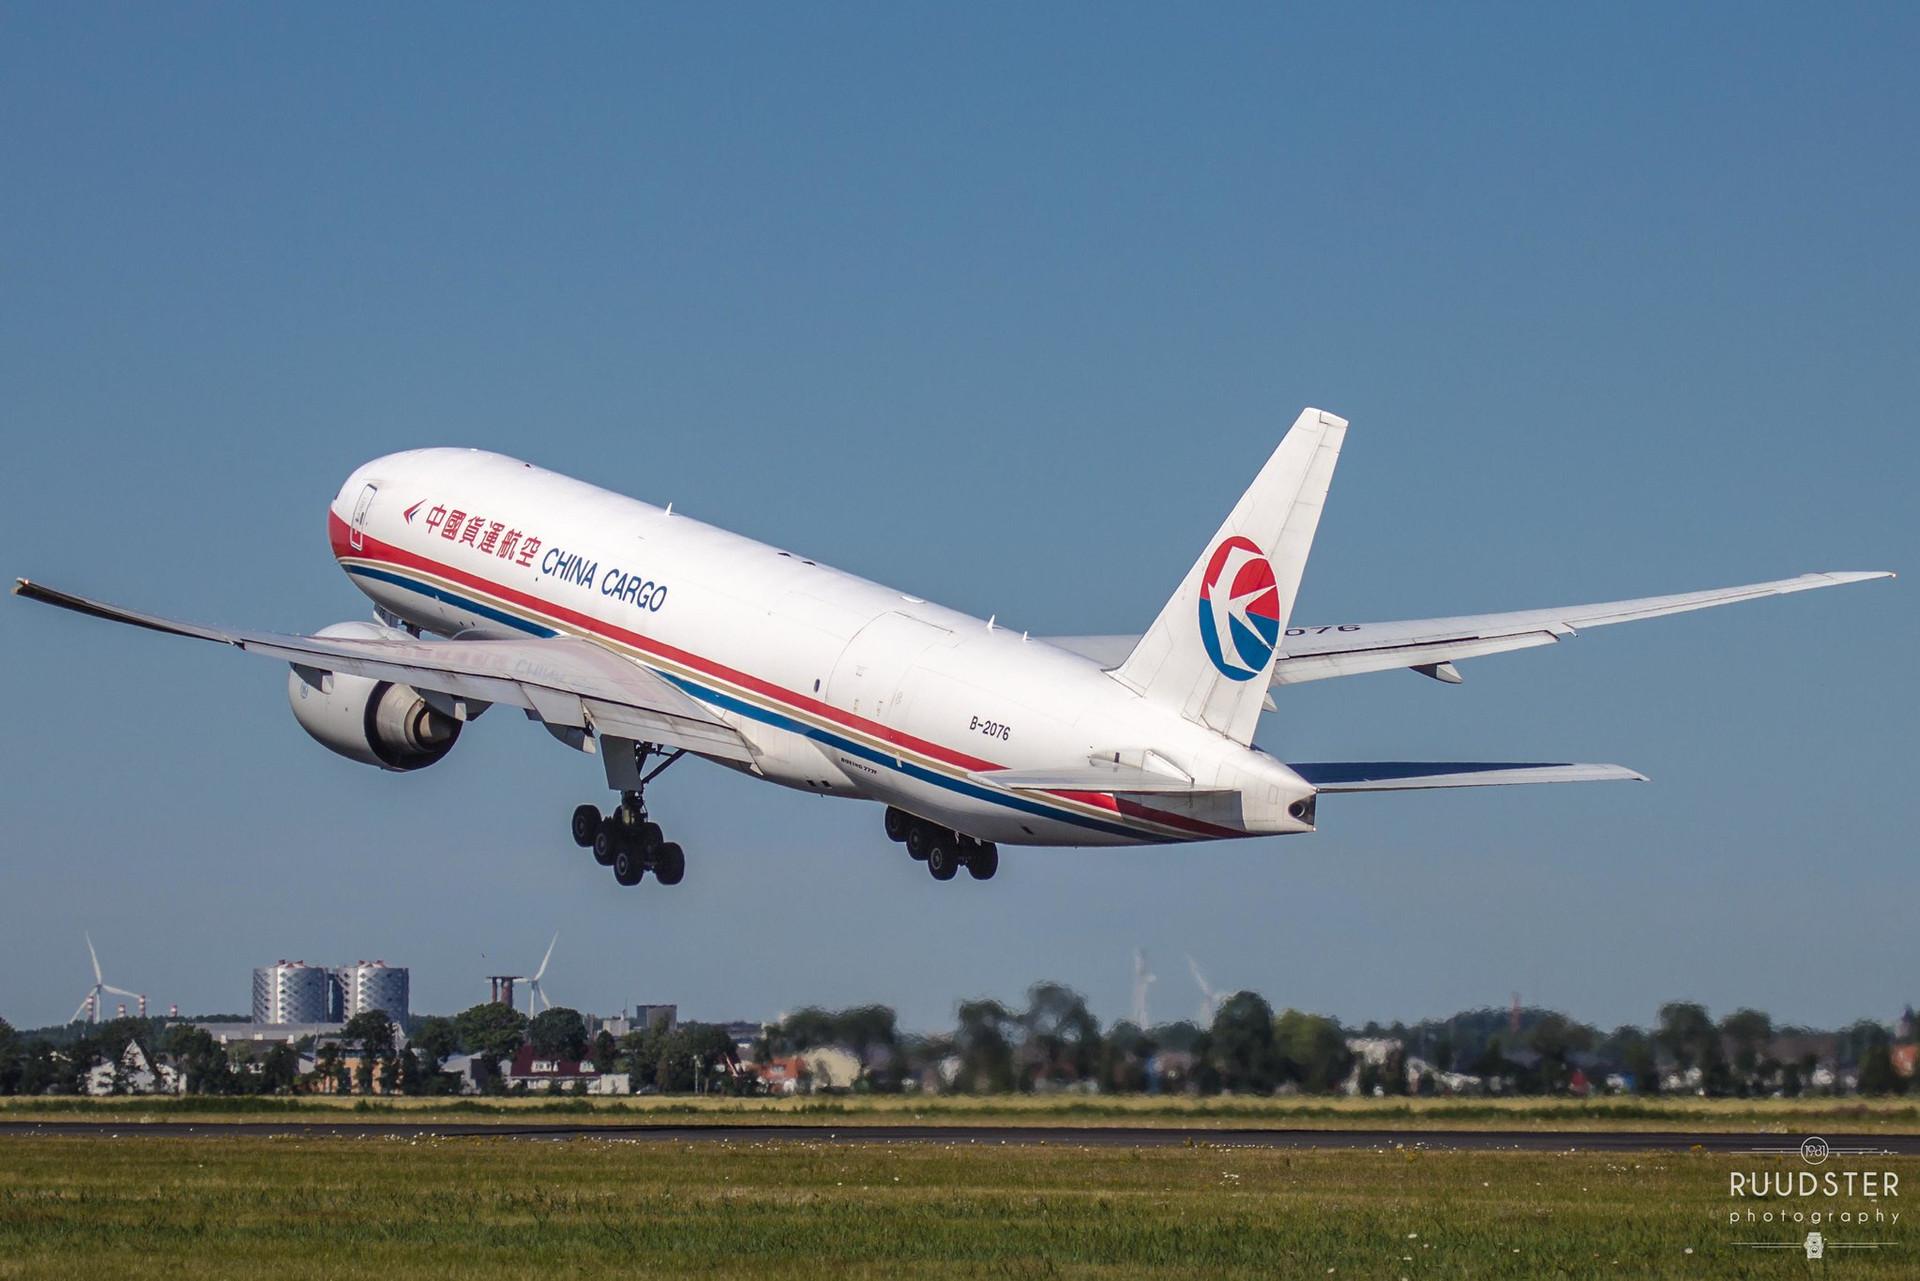 B-2076 | Build: 2010 - Boeing 777-F6N